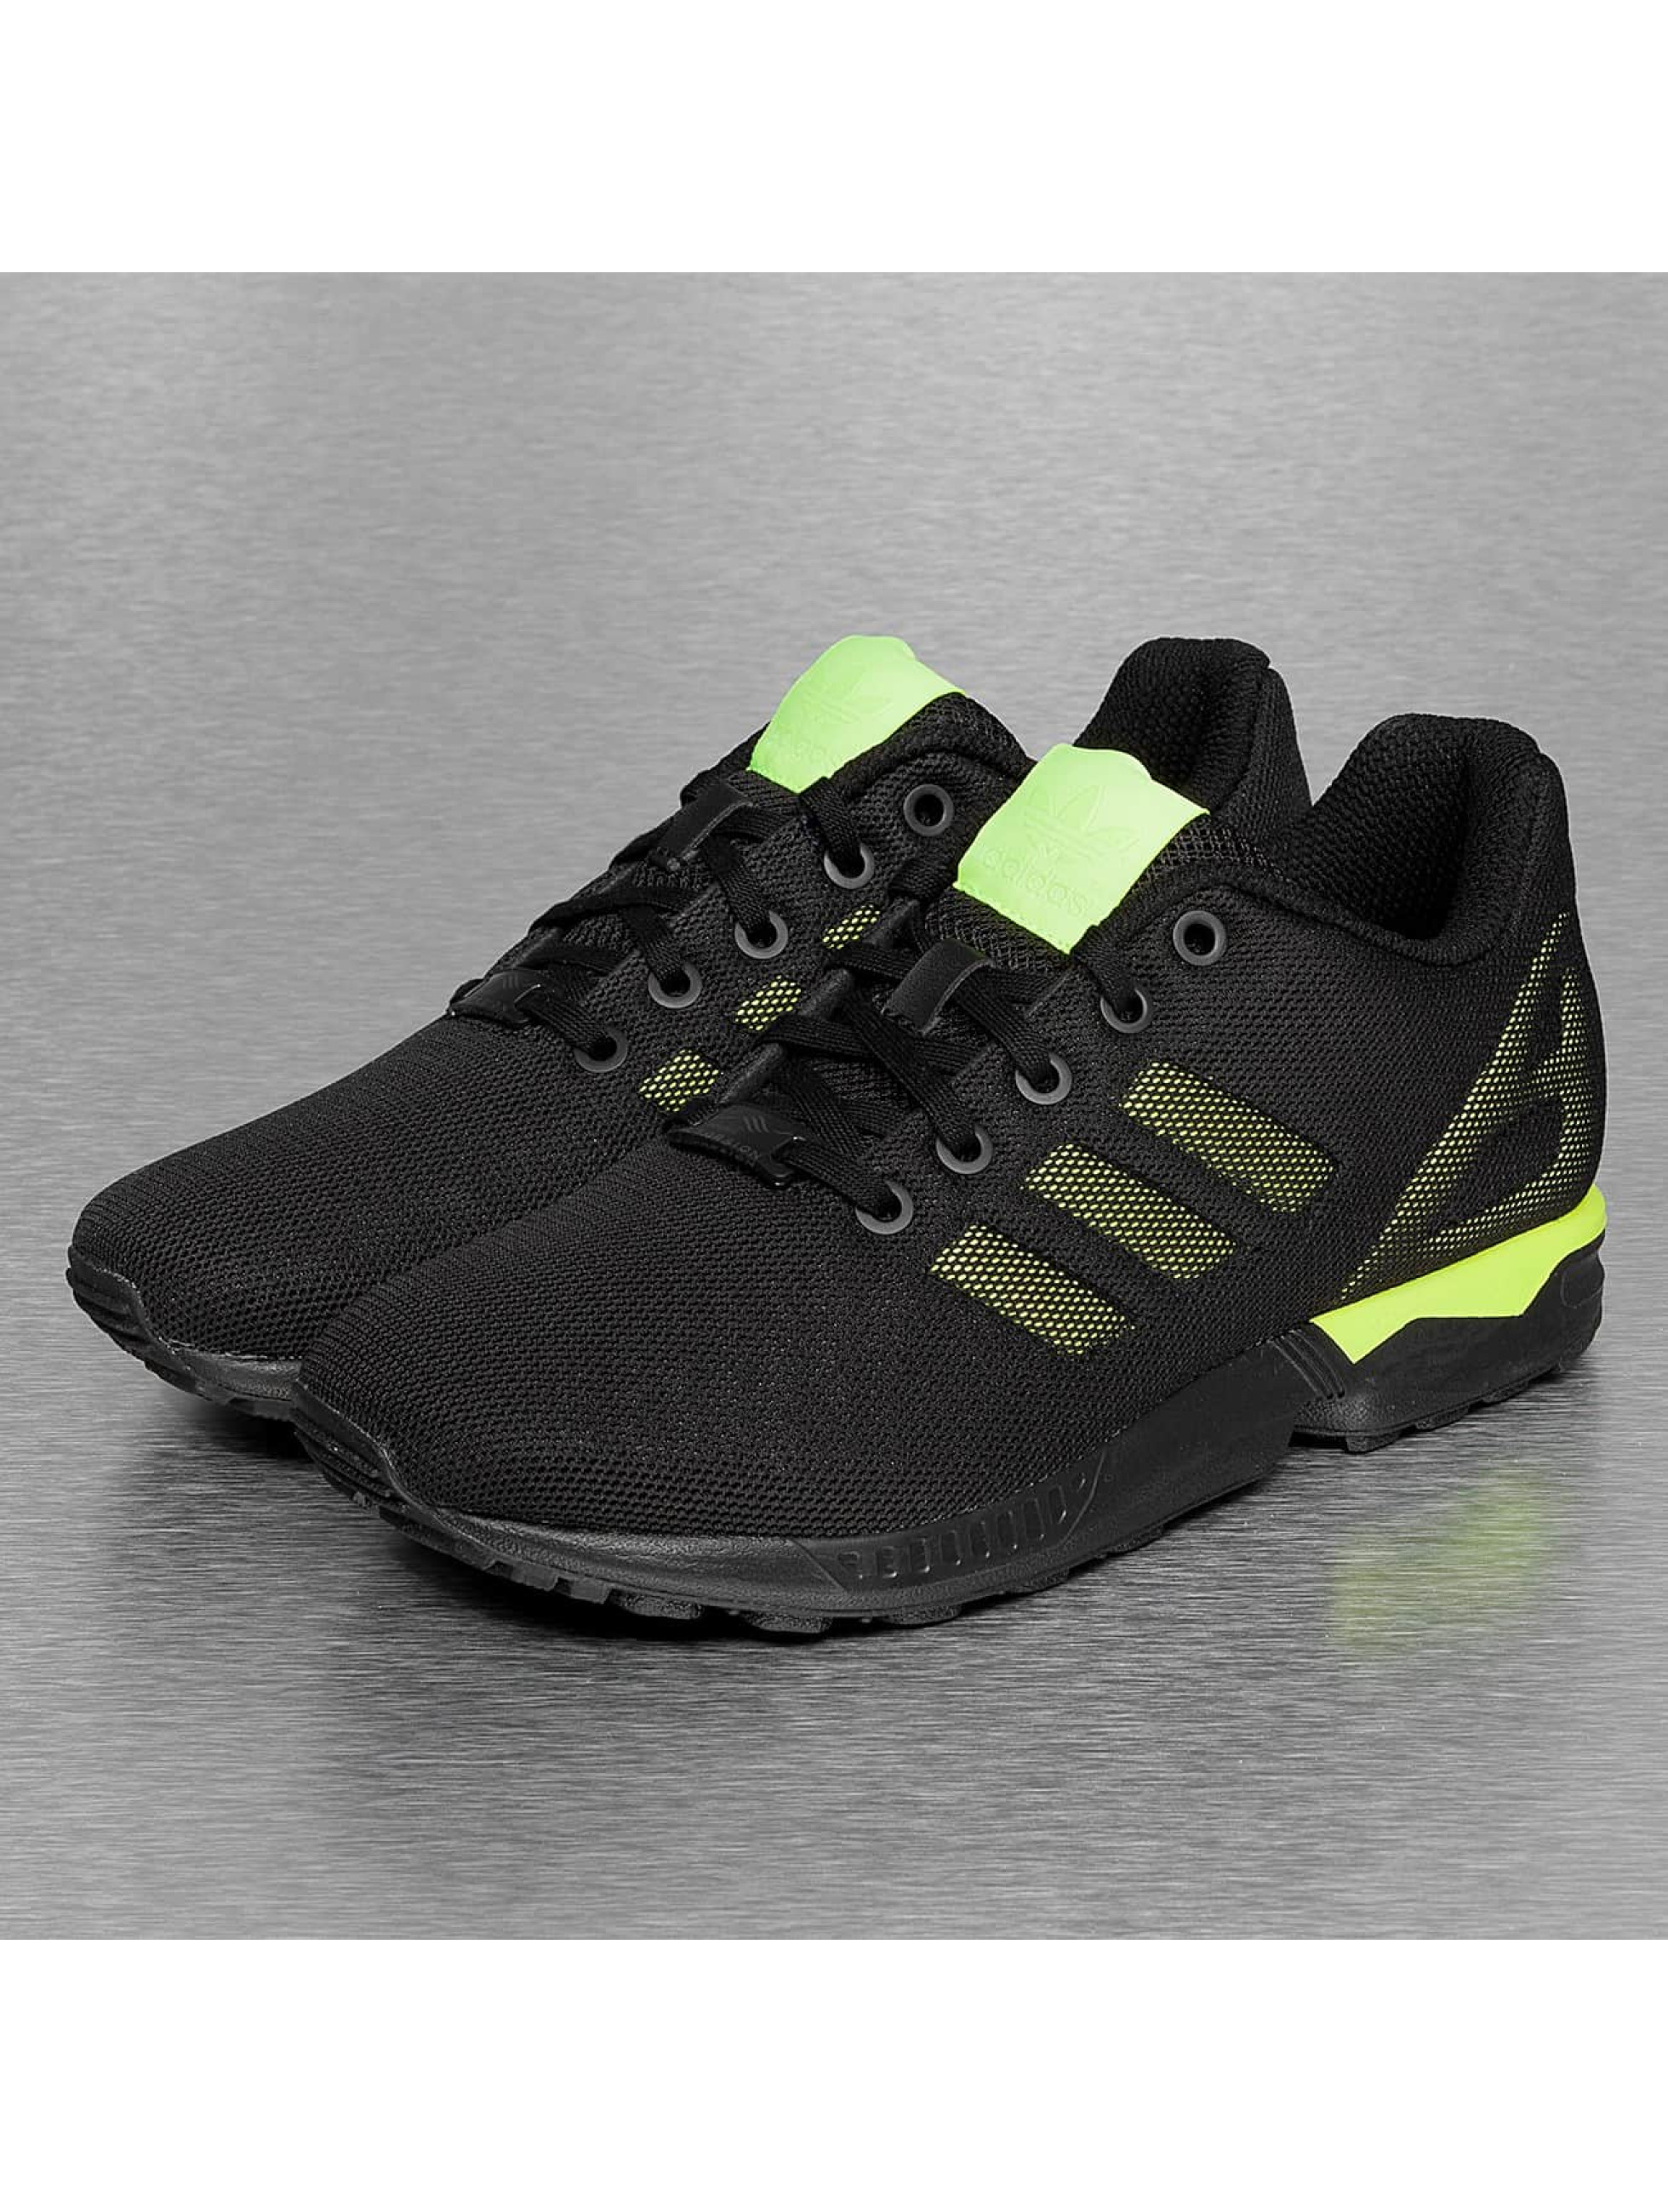 Adidas Zx 8000 Vert